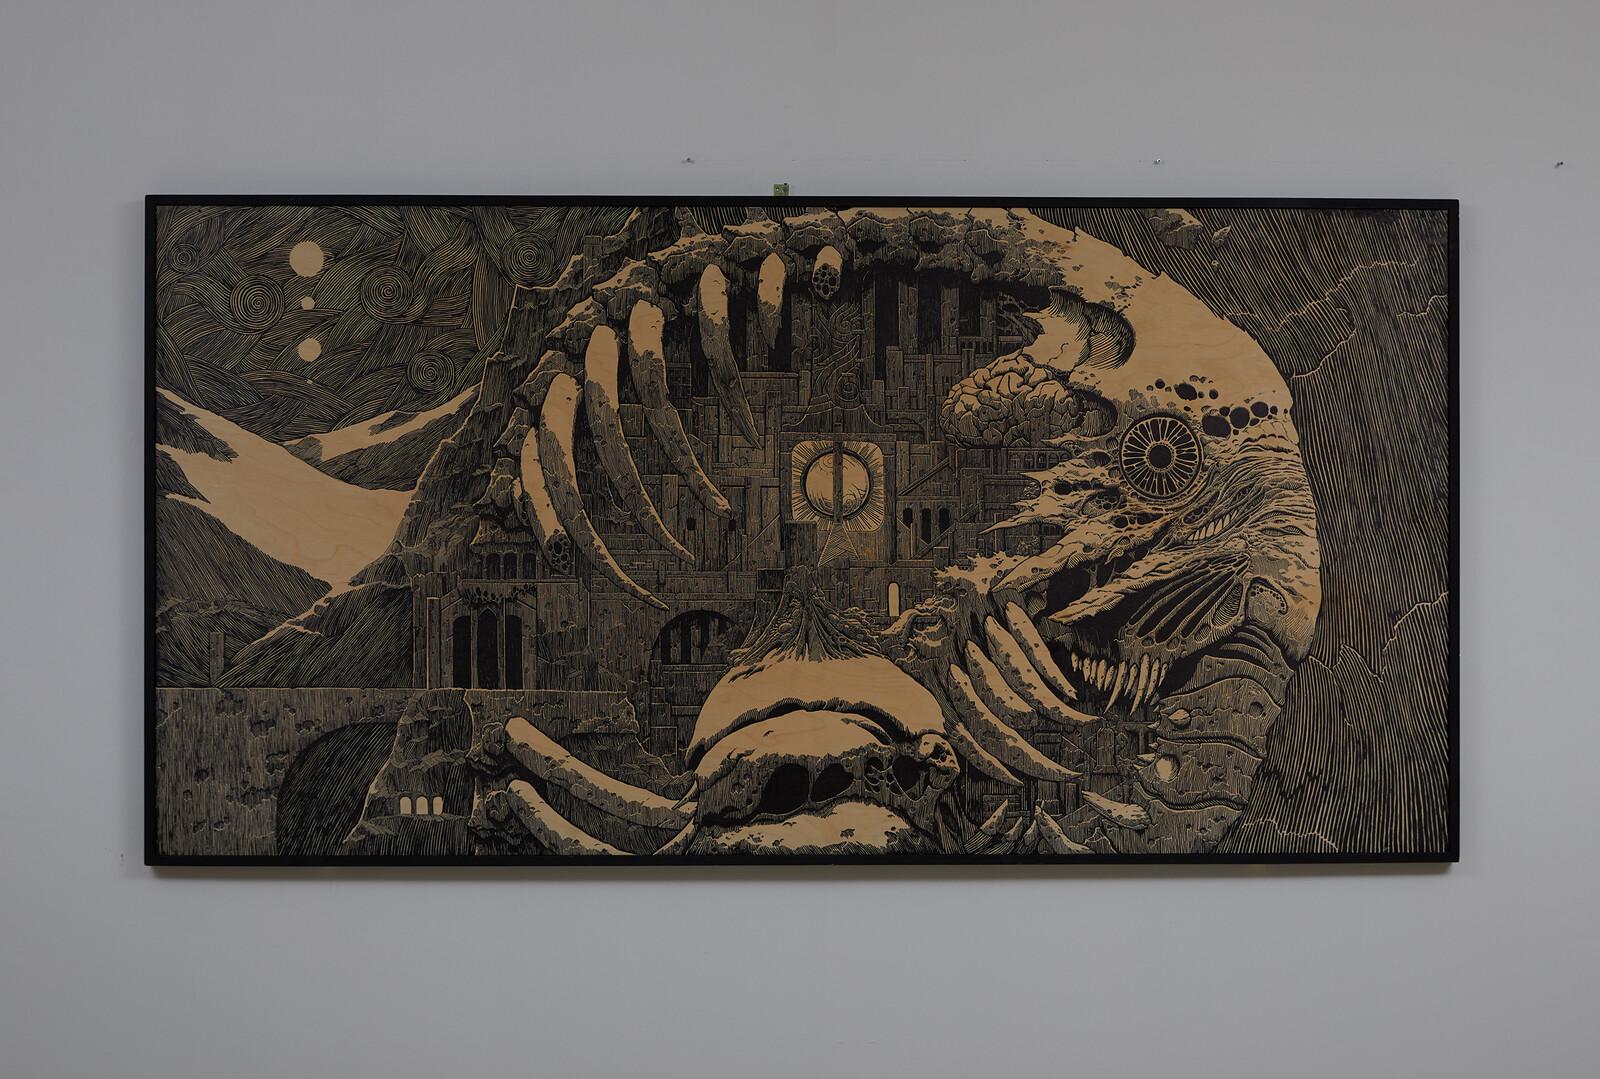 Ancestor Alive. 2020. Marker on wood panel, 122 x 244 cm.